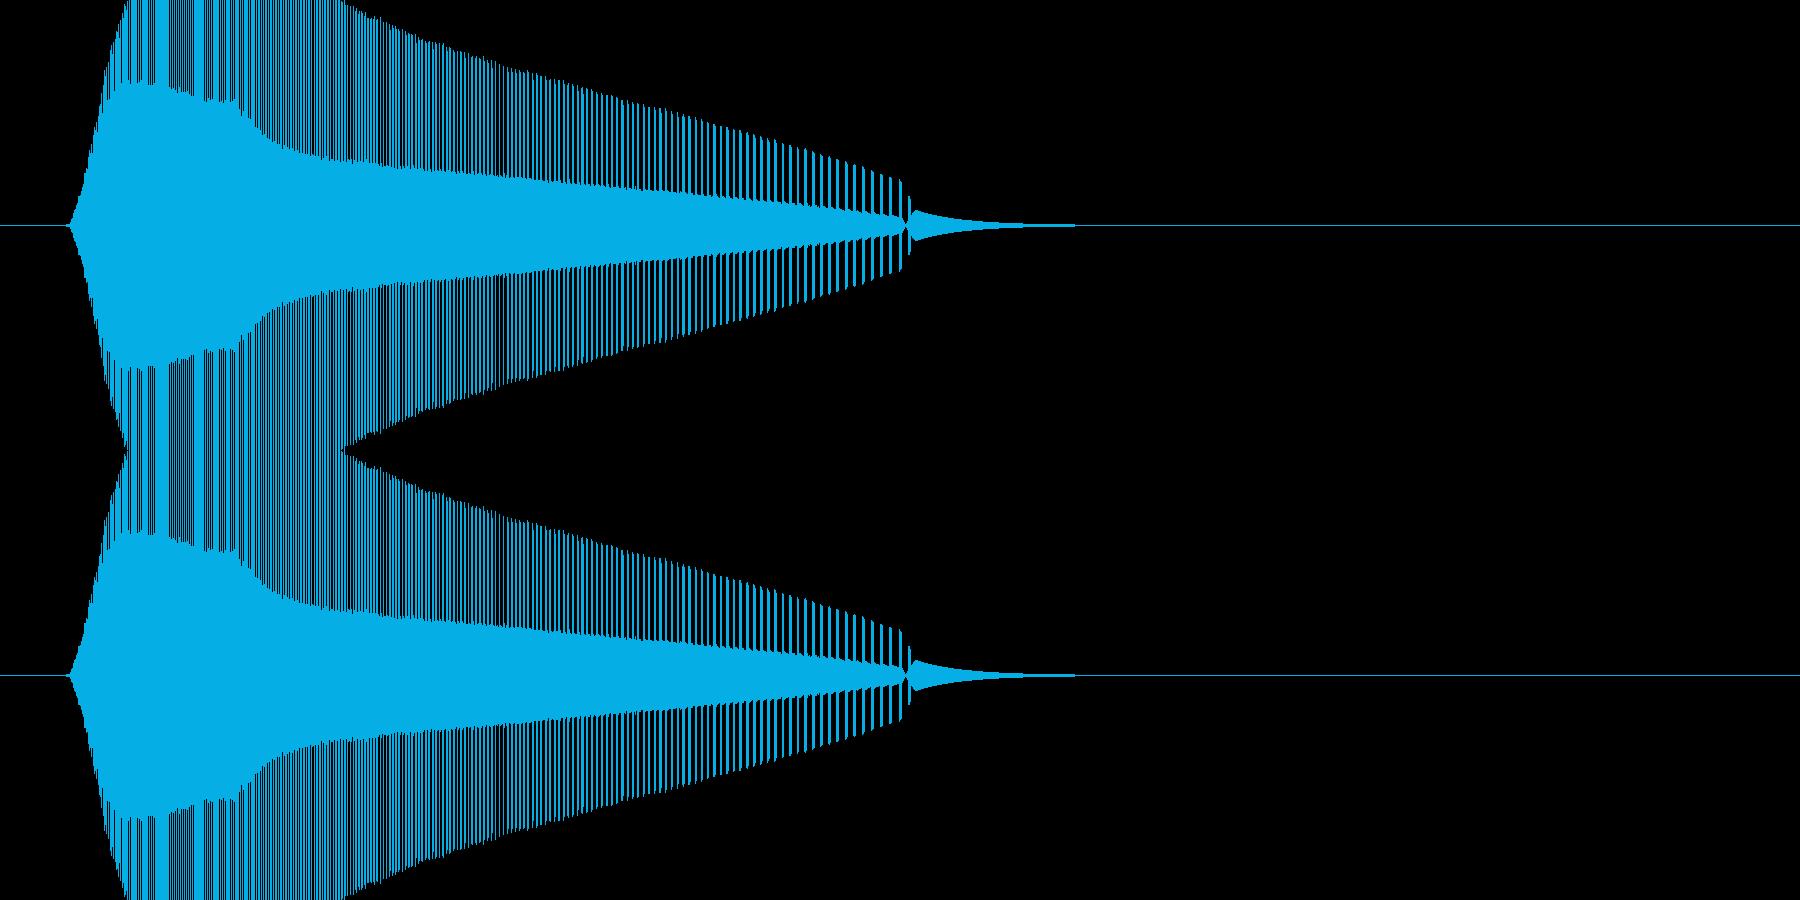 レトロゲームの効果音。アクション、シュ…の再生済みの波形